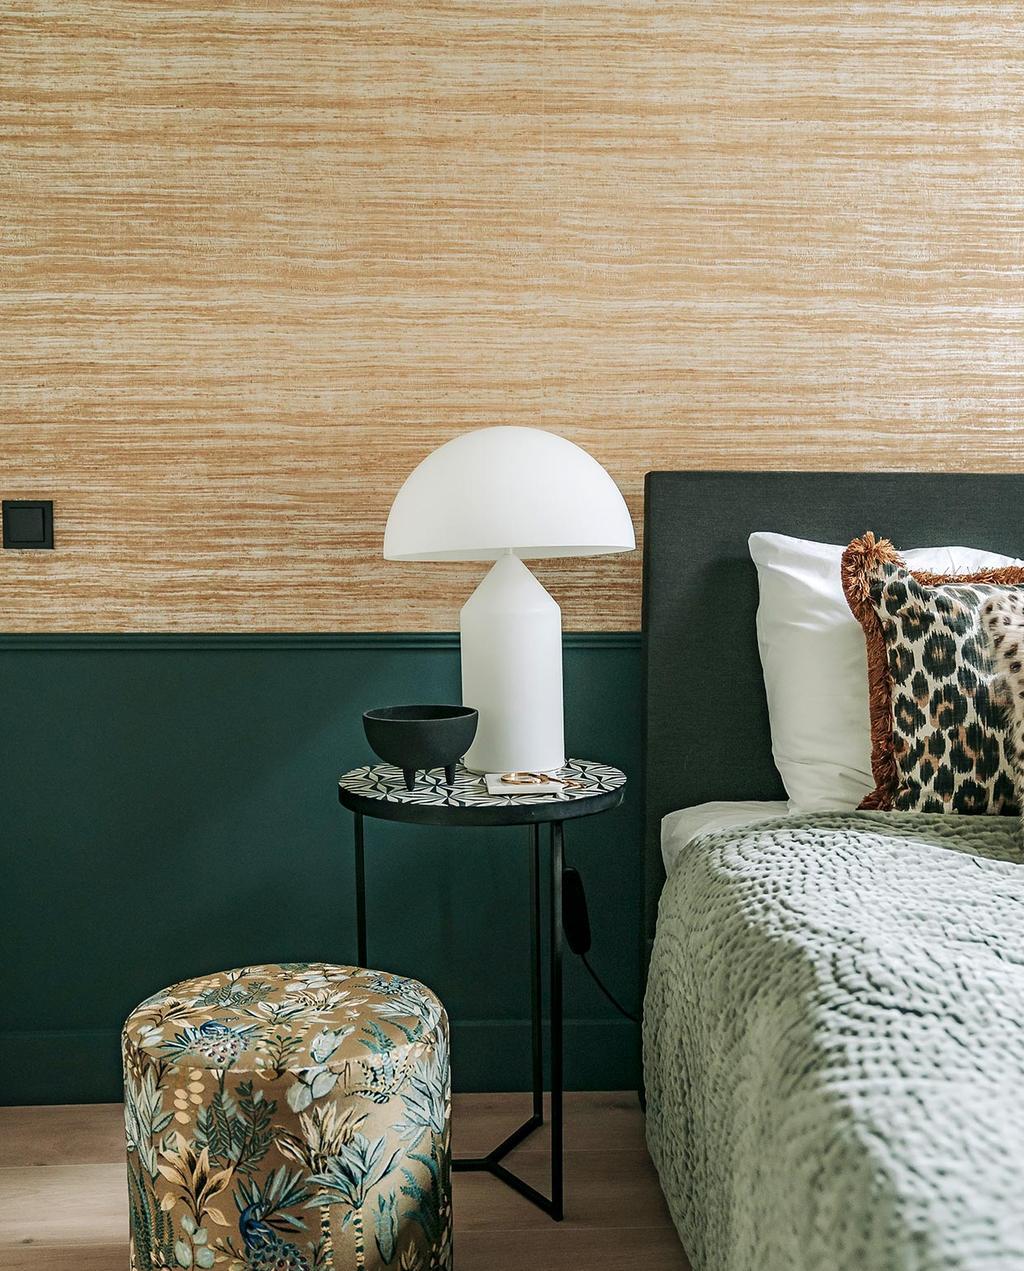 vtwonen 06-2021 | witte mushroom lamp op nachtkast van de slaapkamer